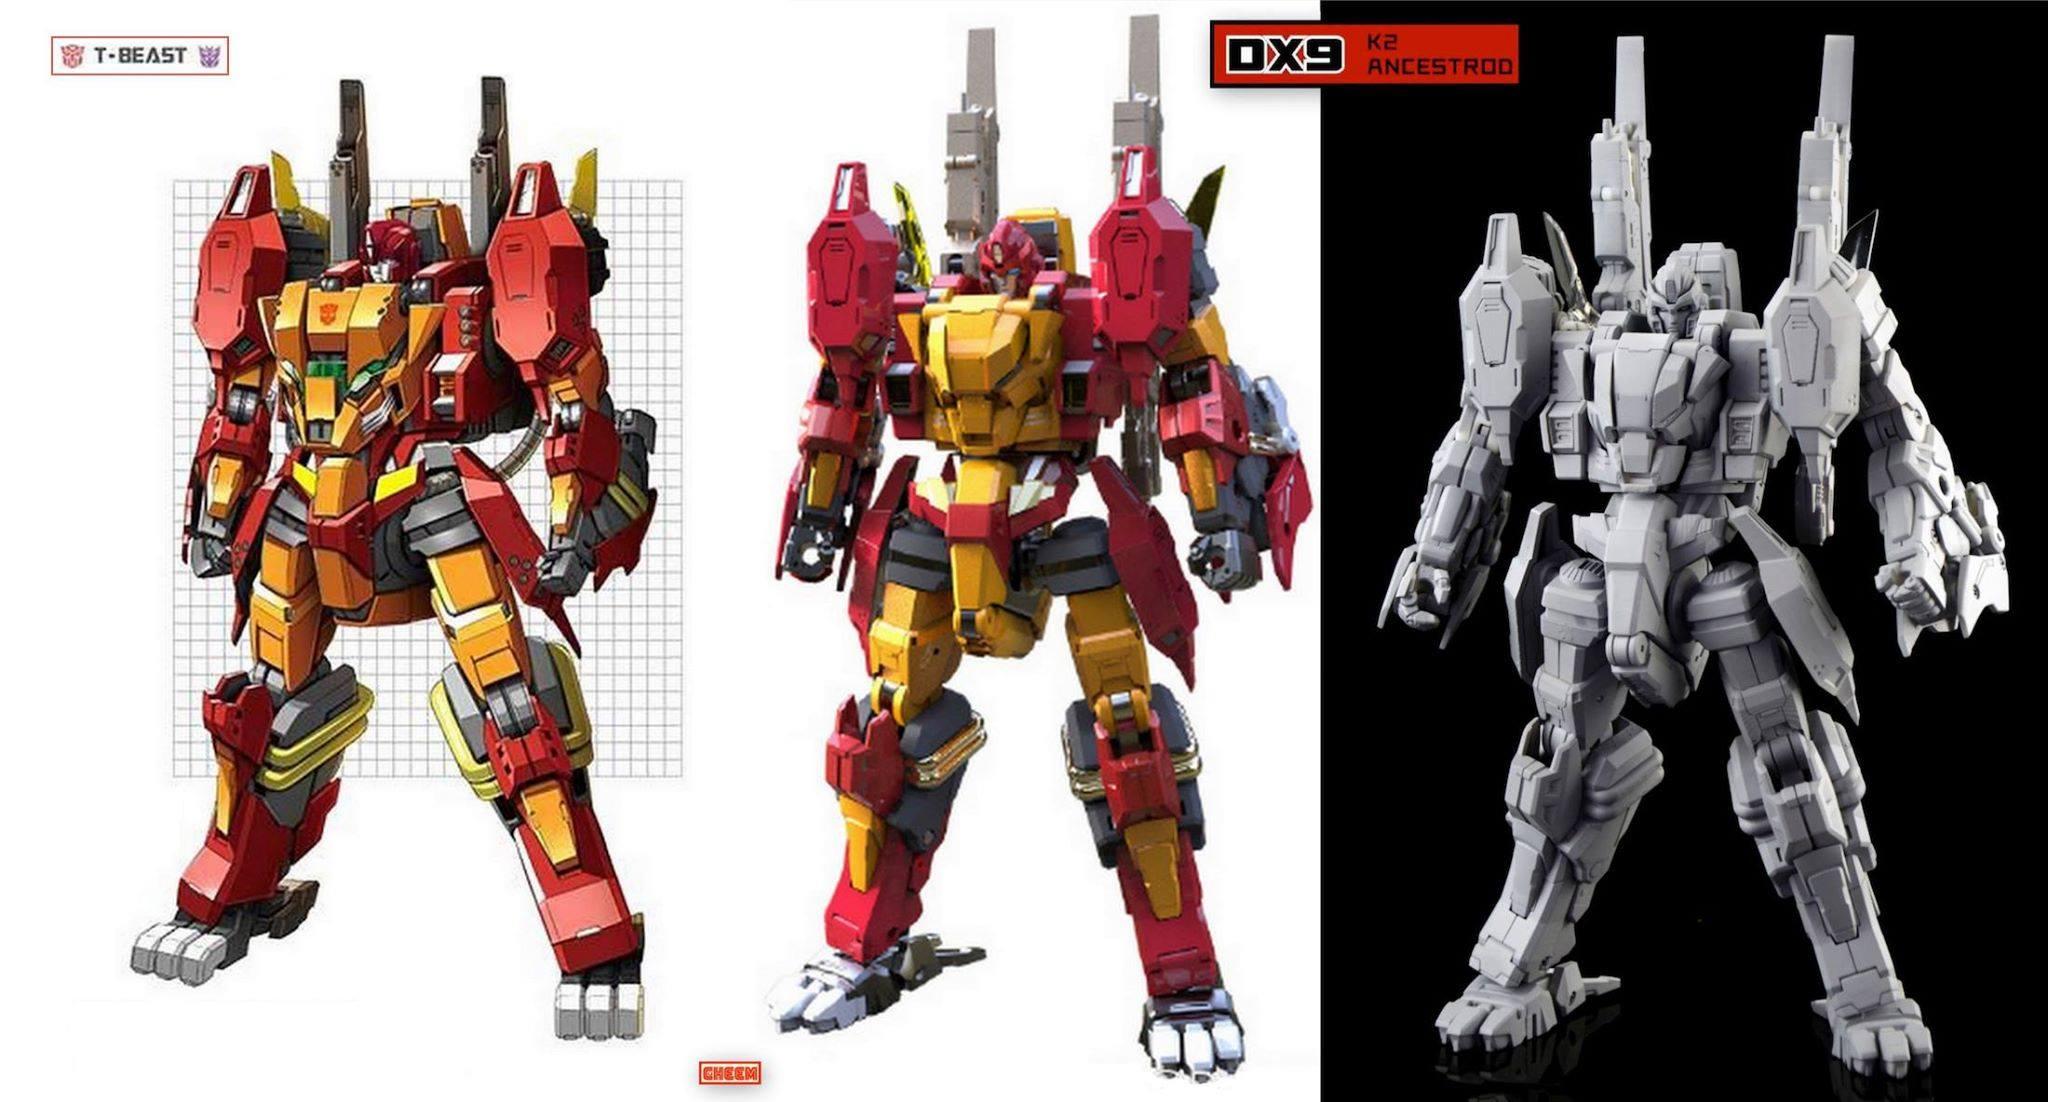 Produit Tiers - Design T-Beast - Basé sur Beast Wars - par Generation Toy, DX9 Toys, TT Hongli, Transform Element, etc 1NYHhisT_o